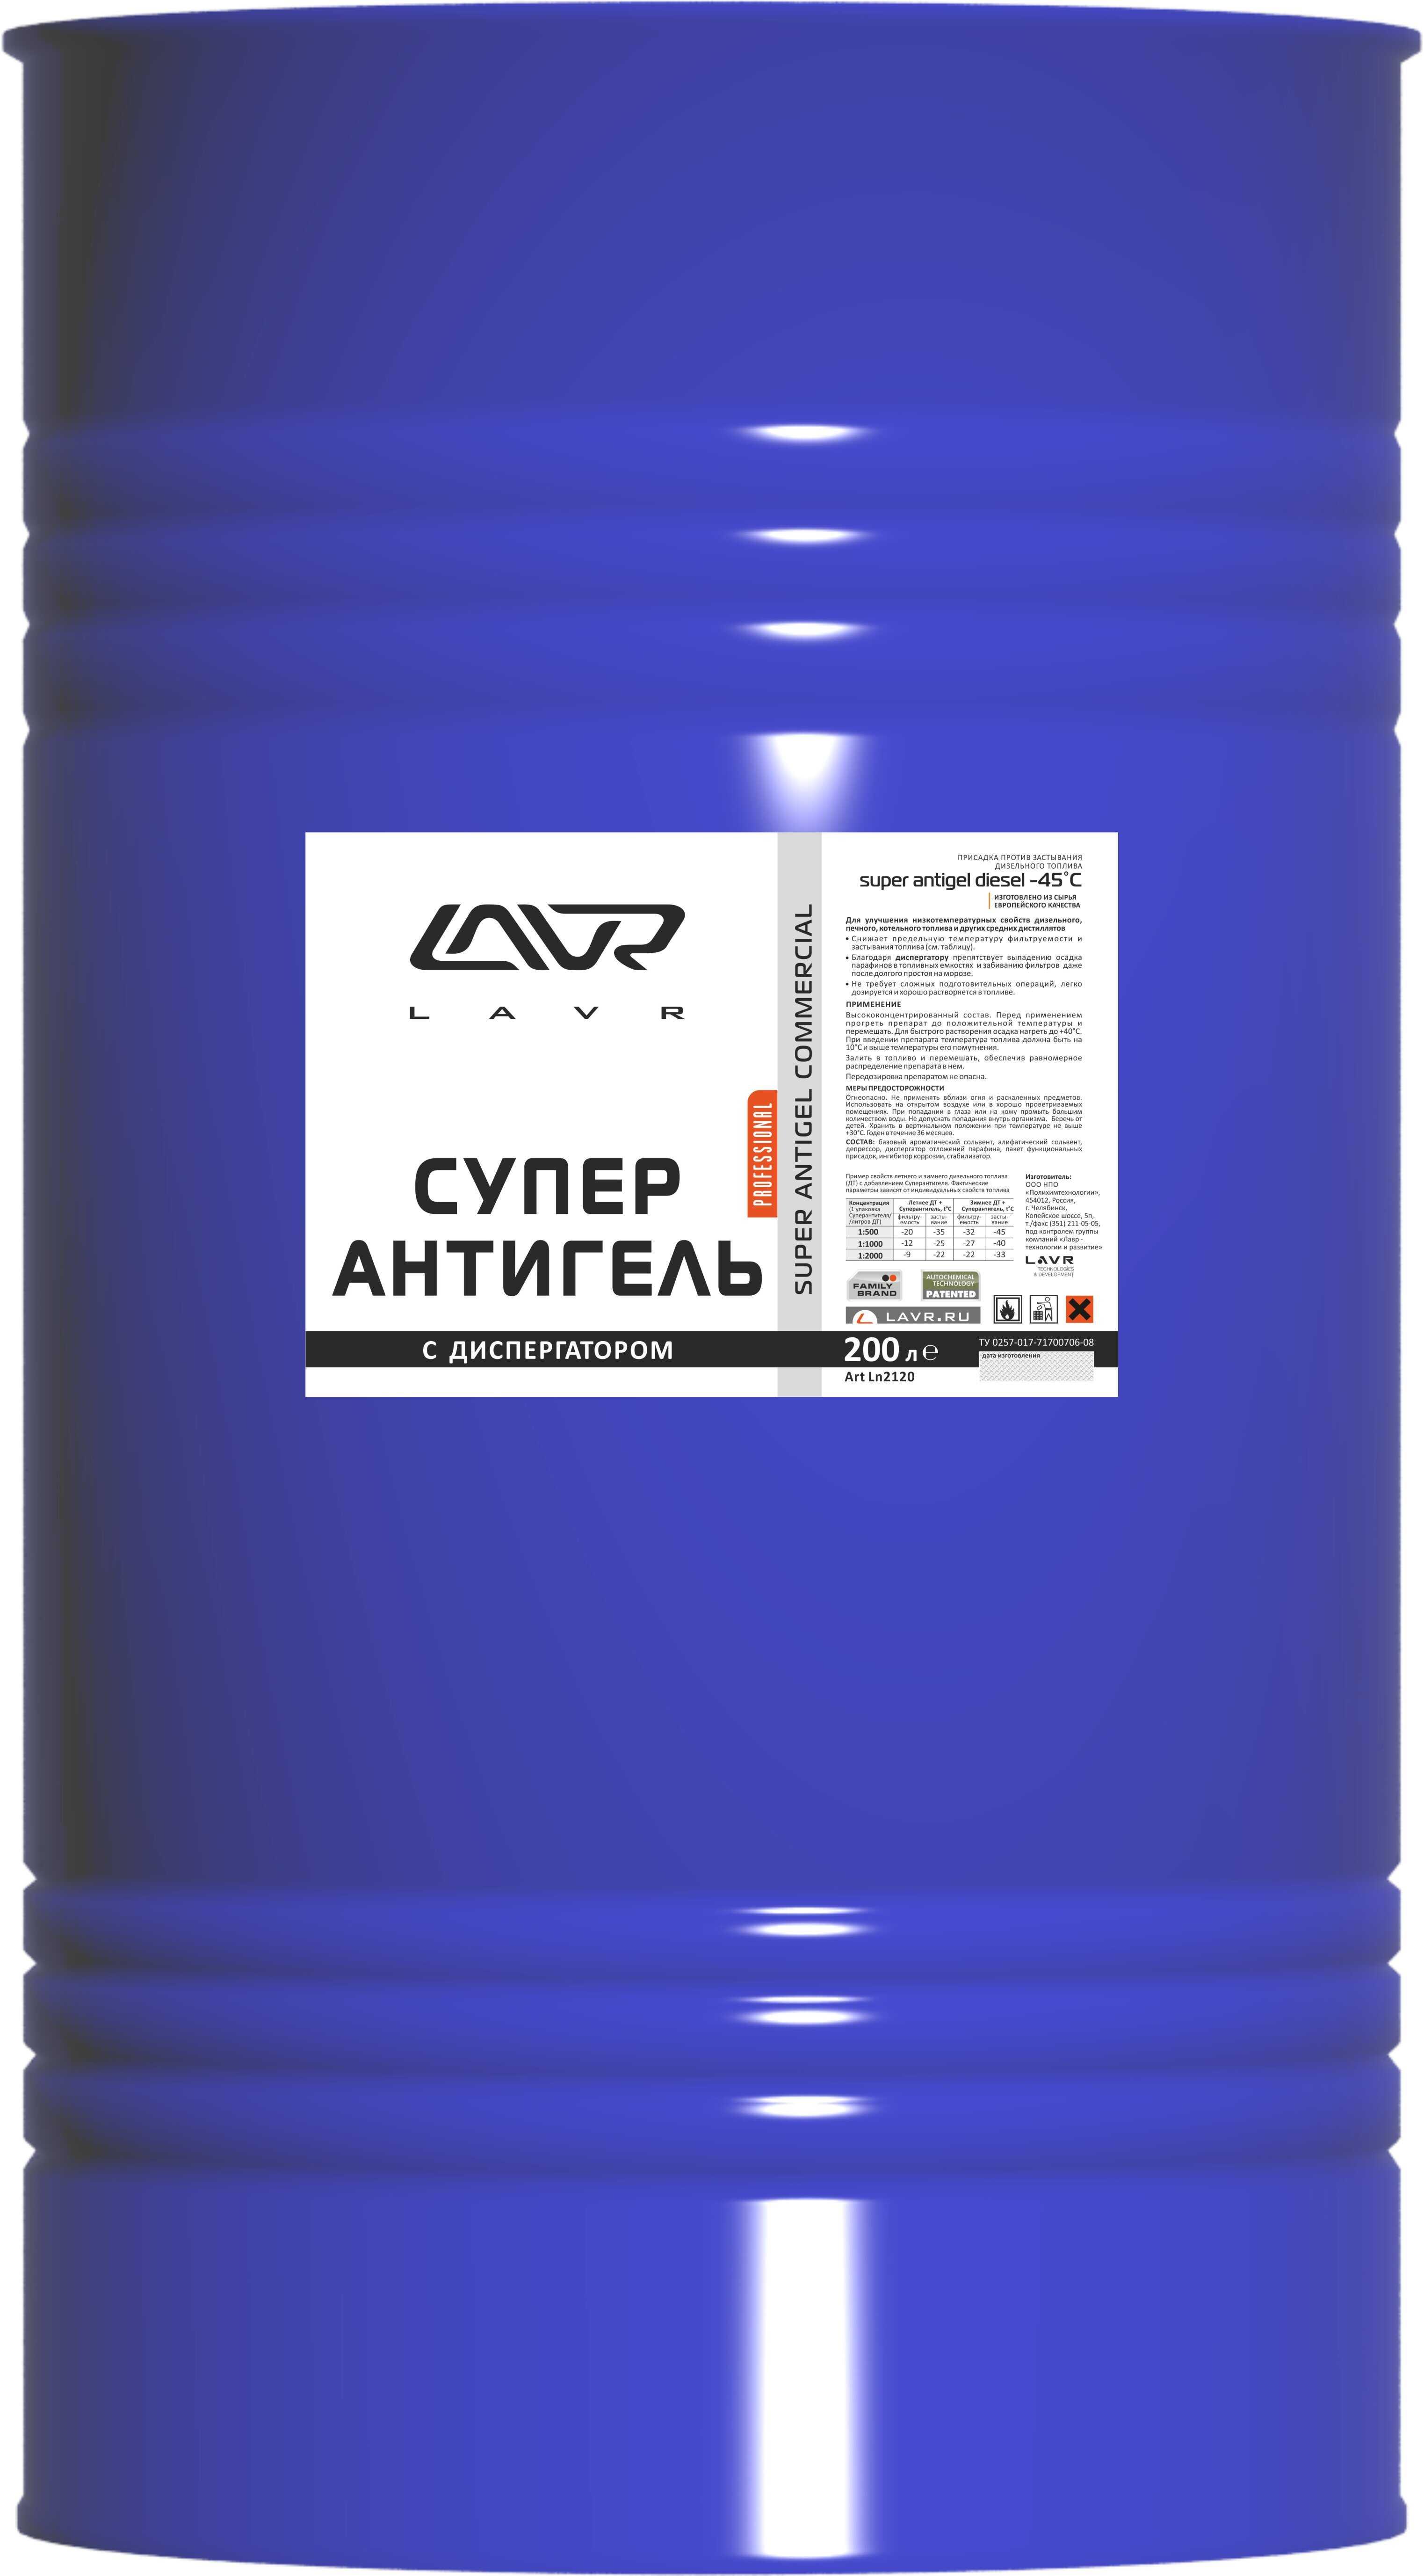 Антигель (Суперантигель) с диспергатором присадка в дизельное топливо на 400 000л (1:500-2000л) LAVR Super Antigel Diesel Commercial 200л